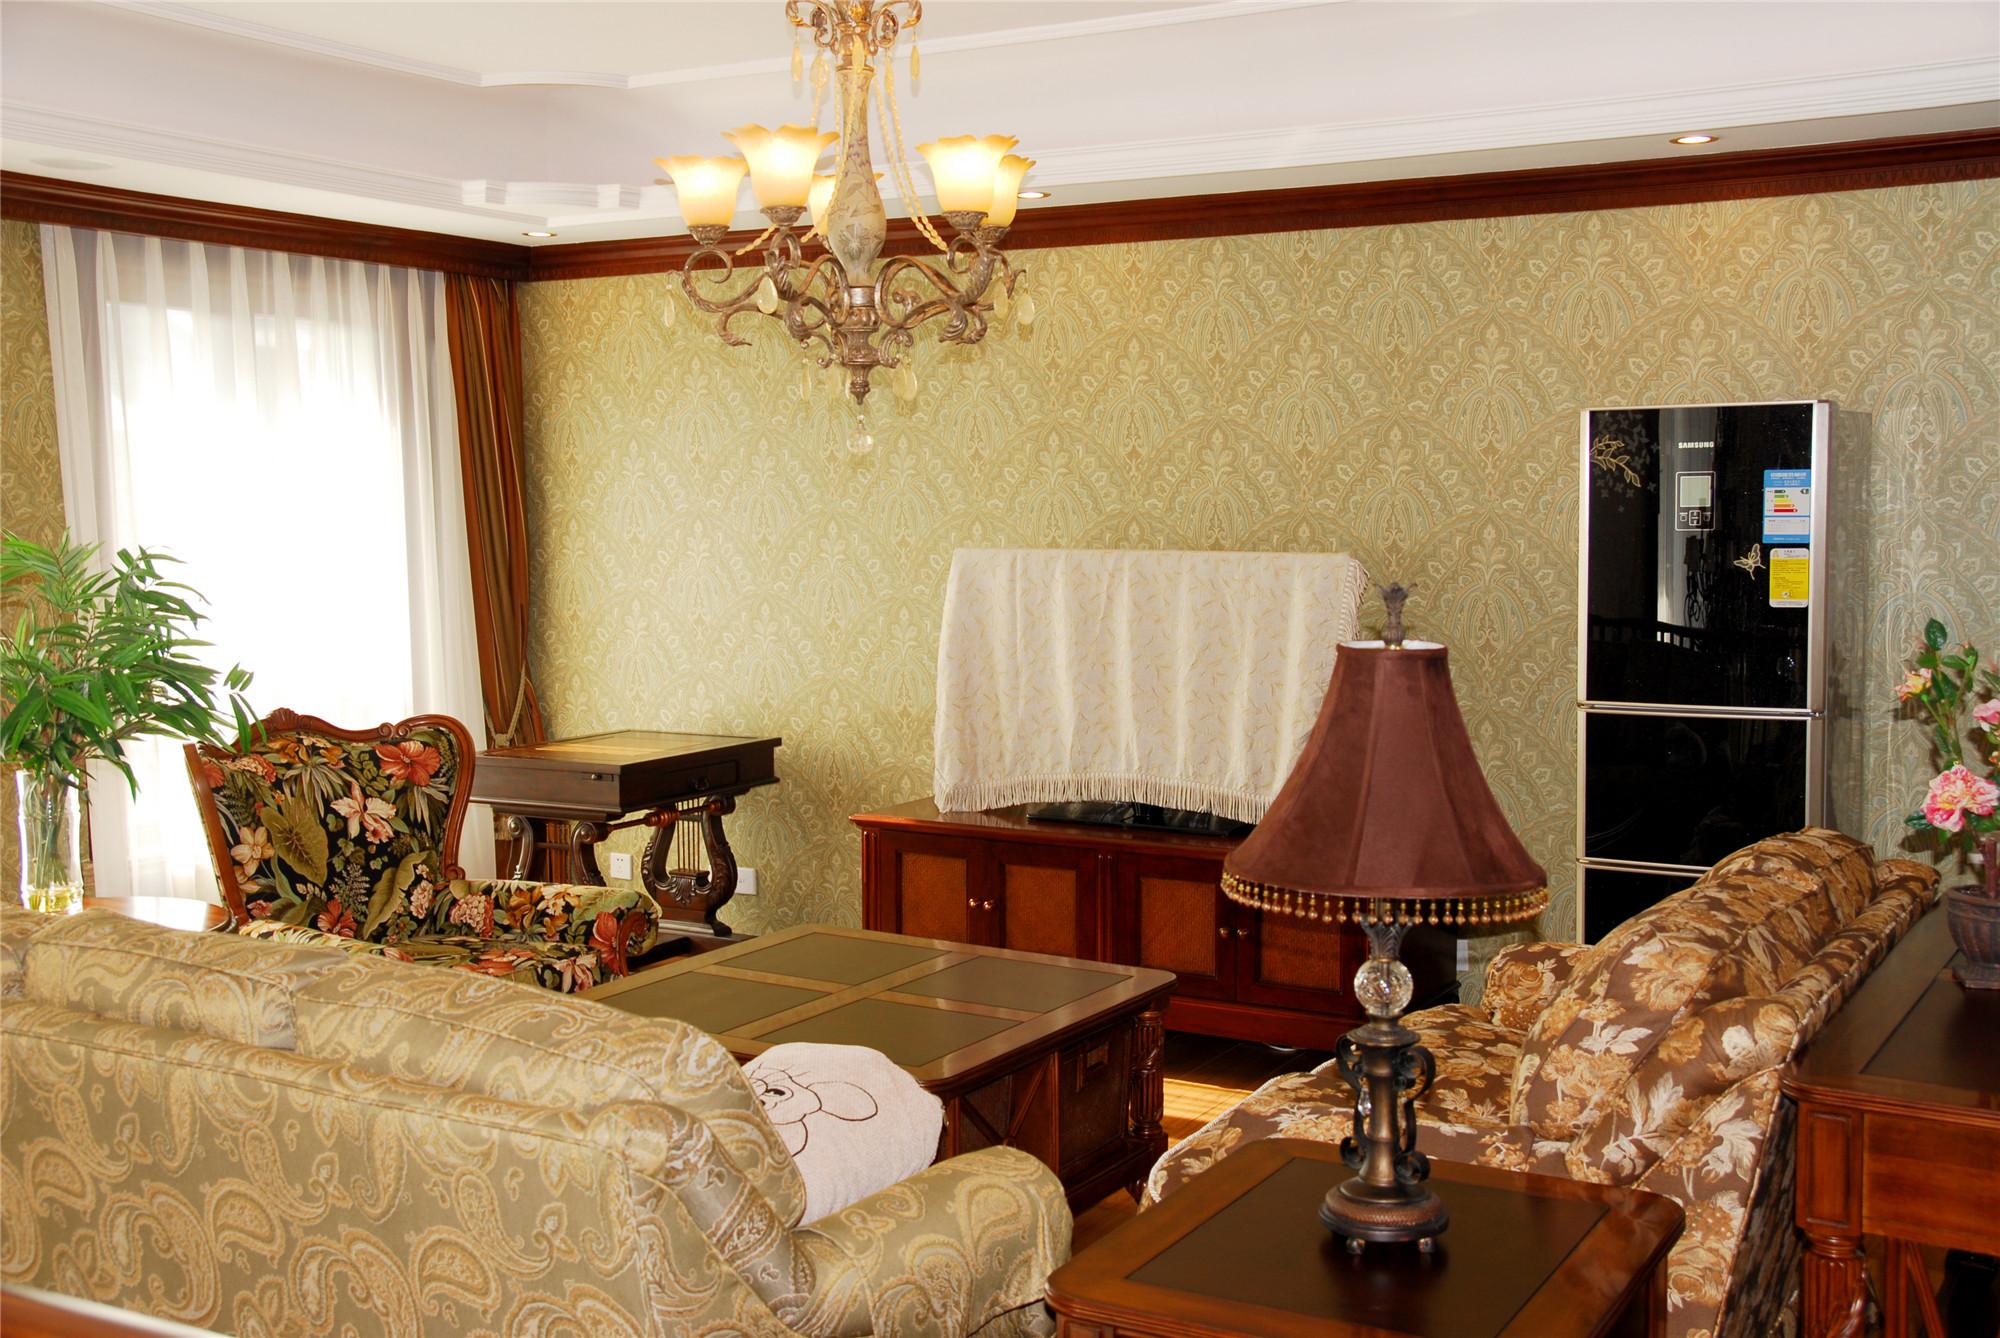 中欧式混搭别墅装修客厅设计图